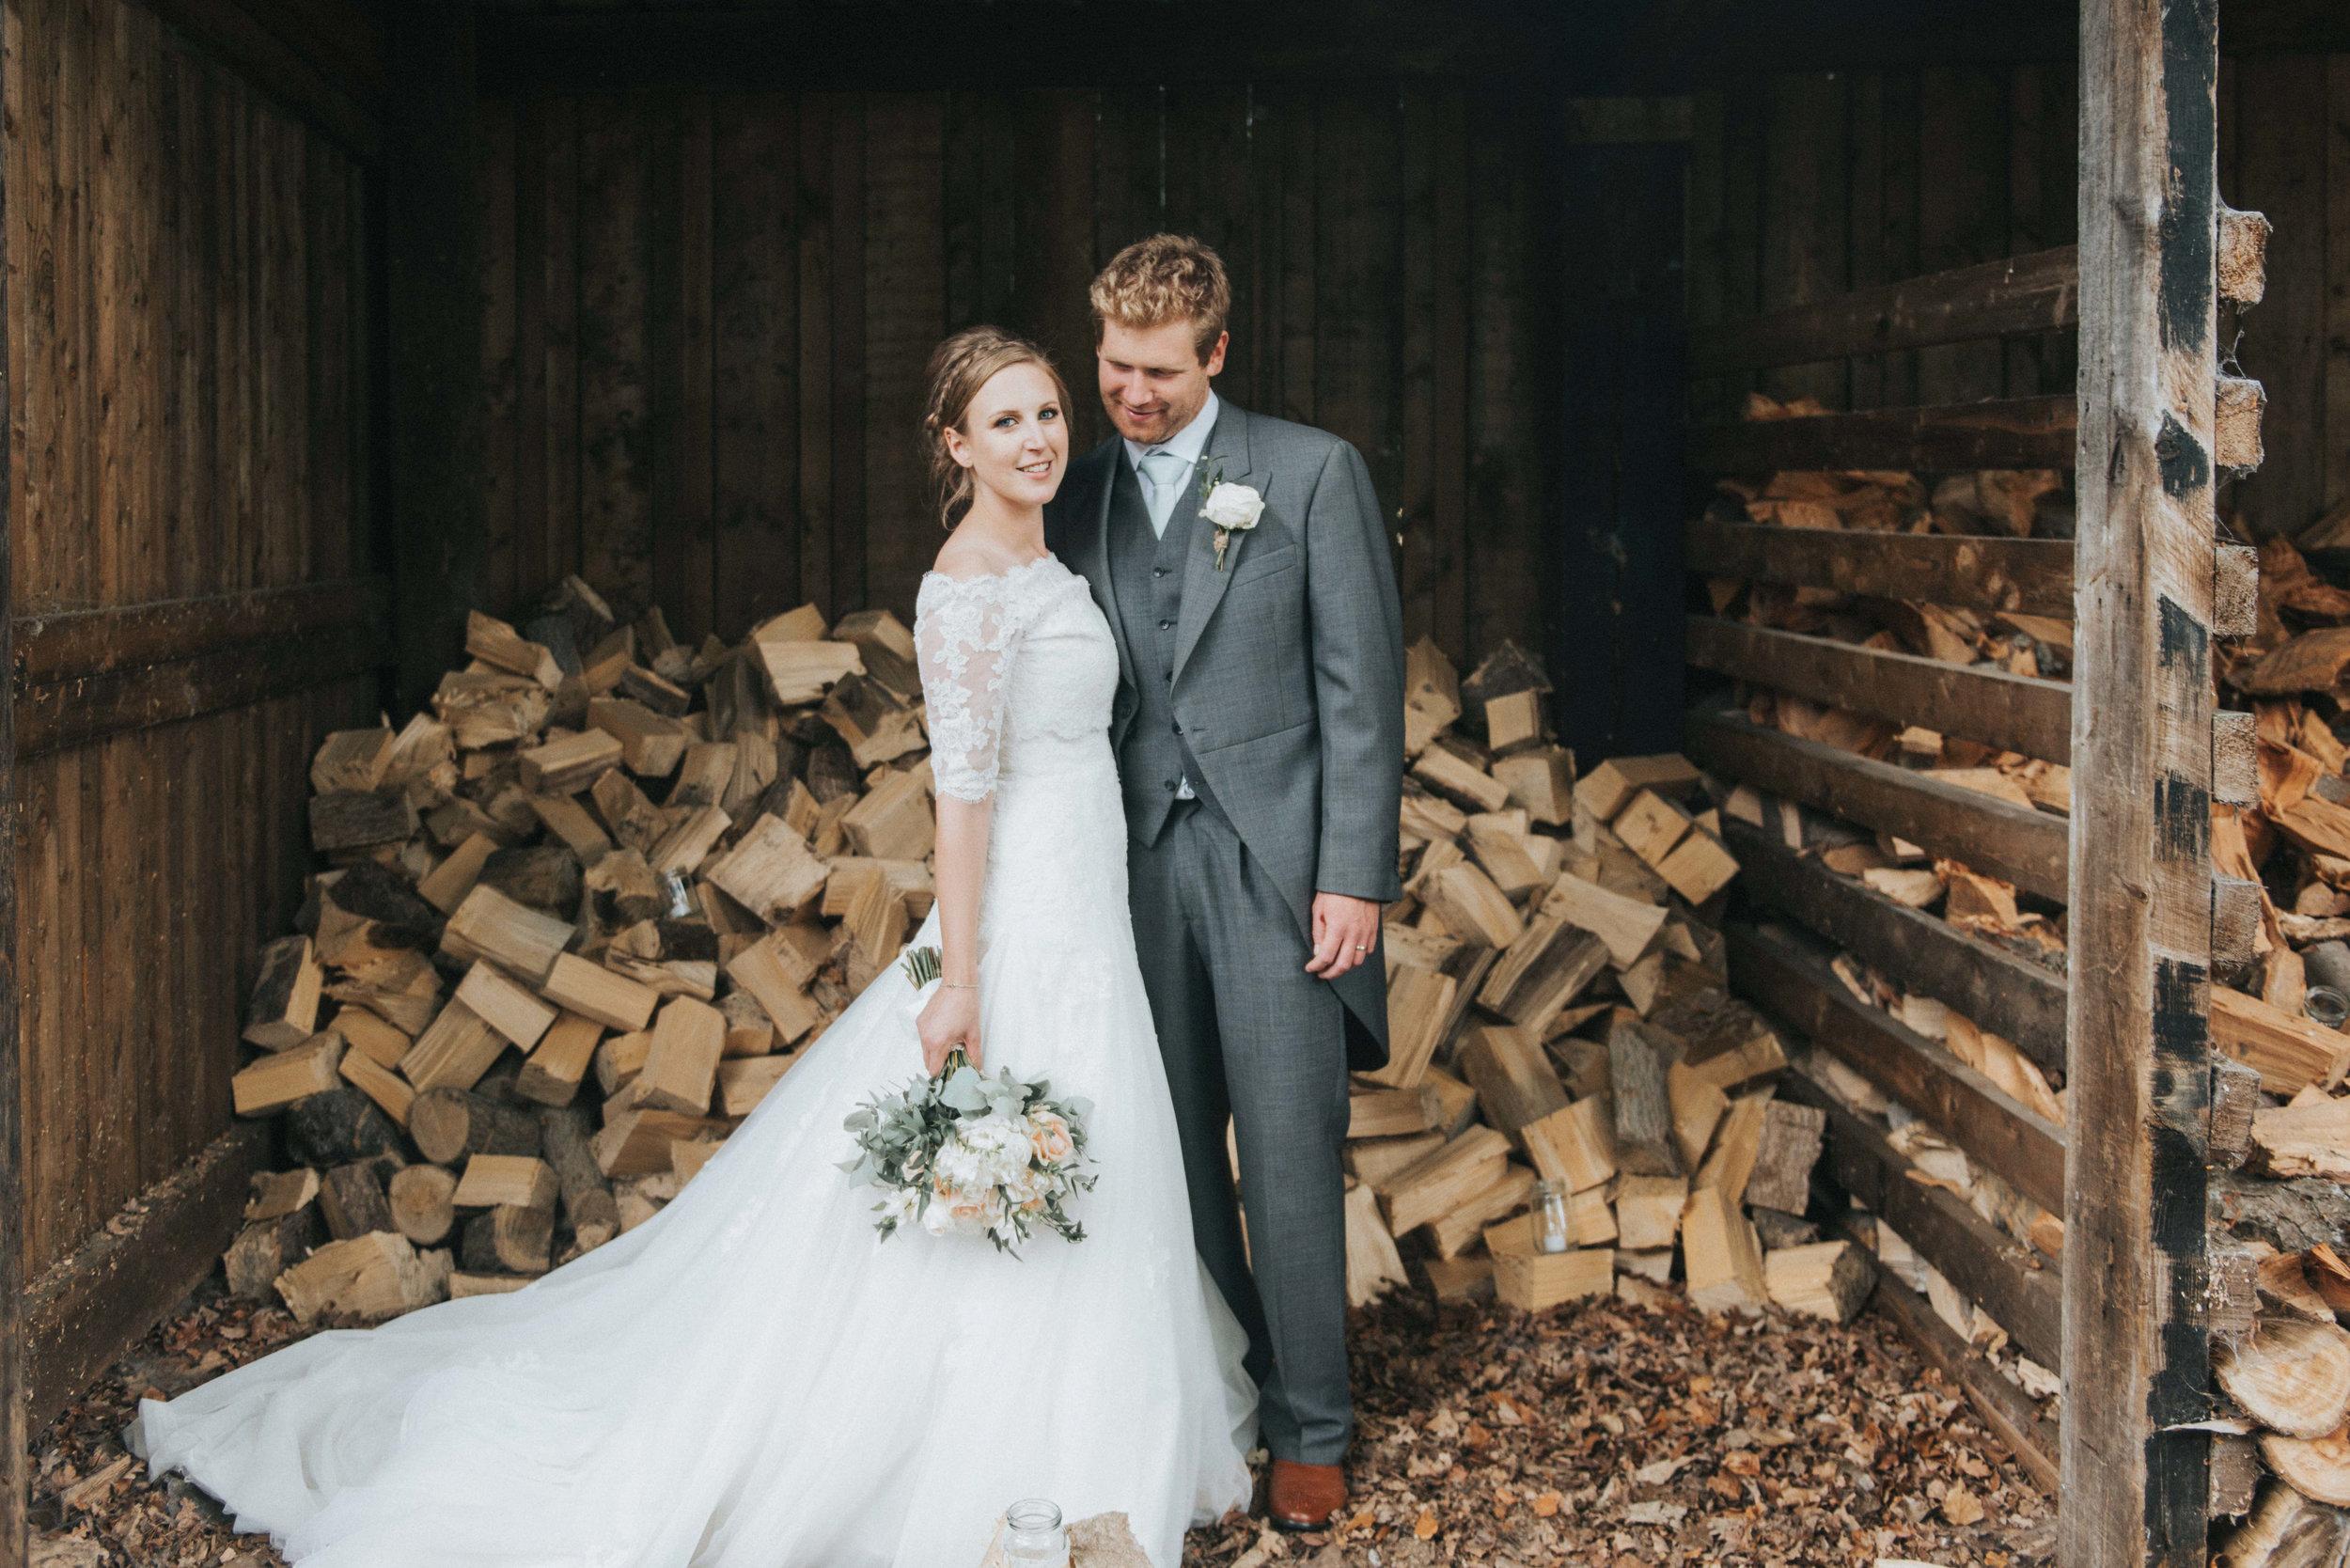 festival-farm-wedding-129.jpg